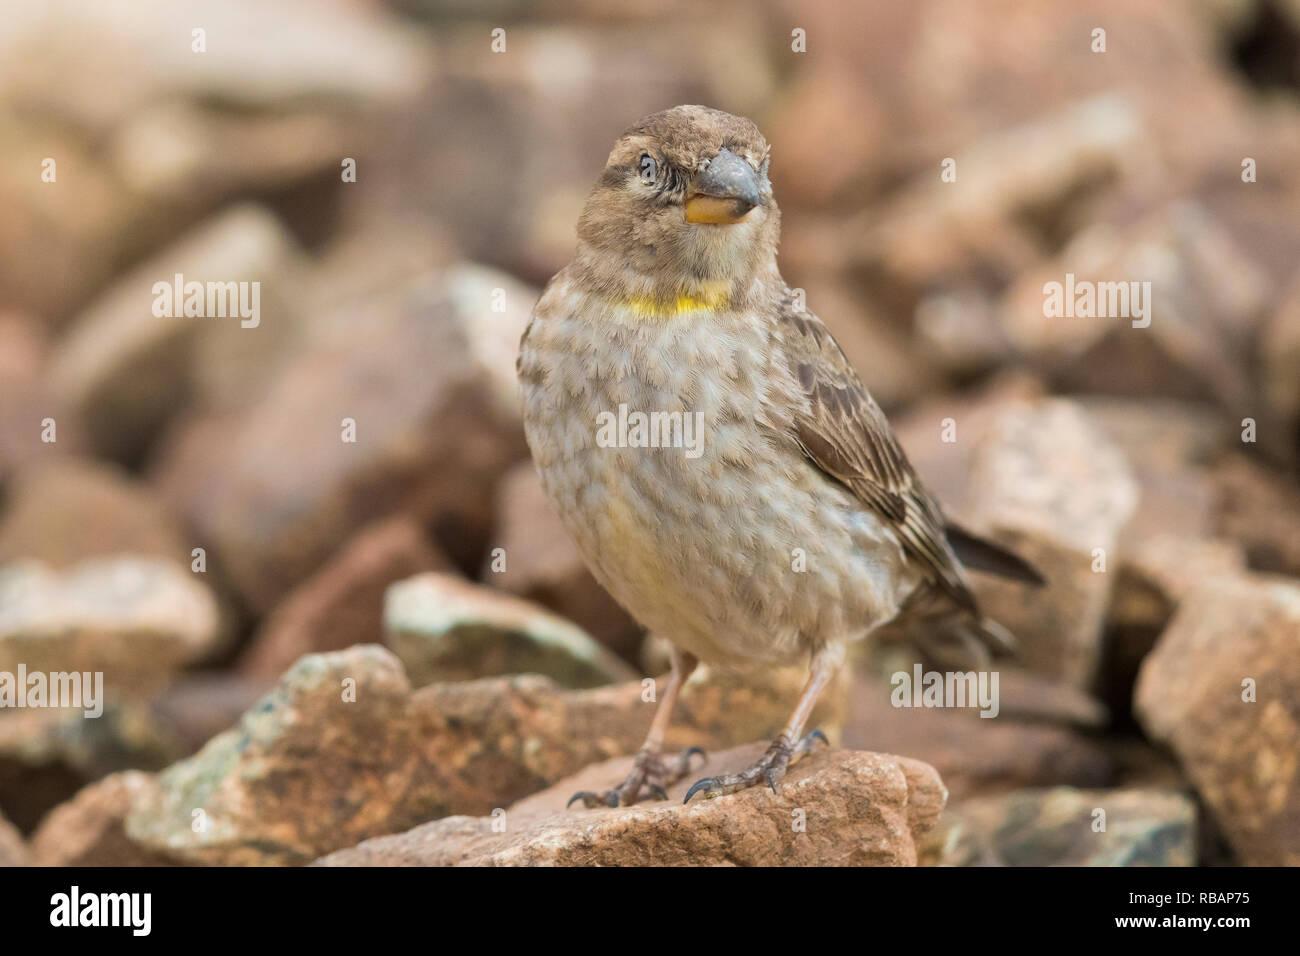 Rock Sparrow (Petronia petronia Barbara), Frontansicht eines Erwachsenen stehen auf einem Stein Stockbild